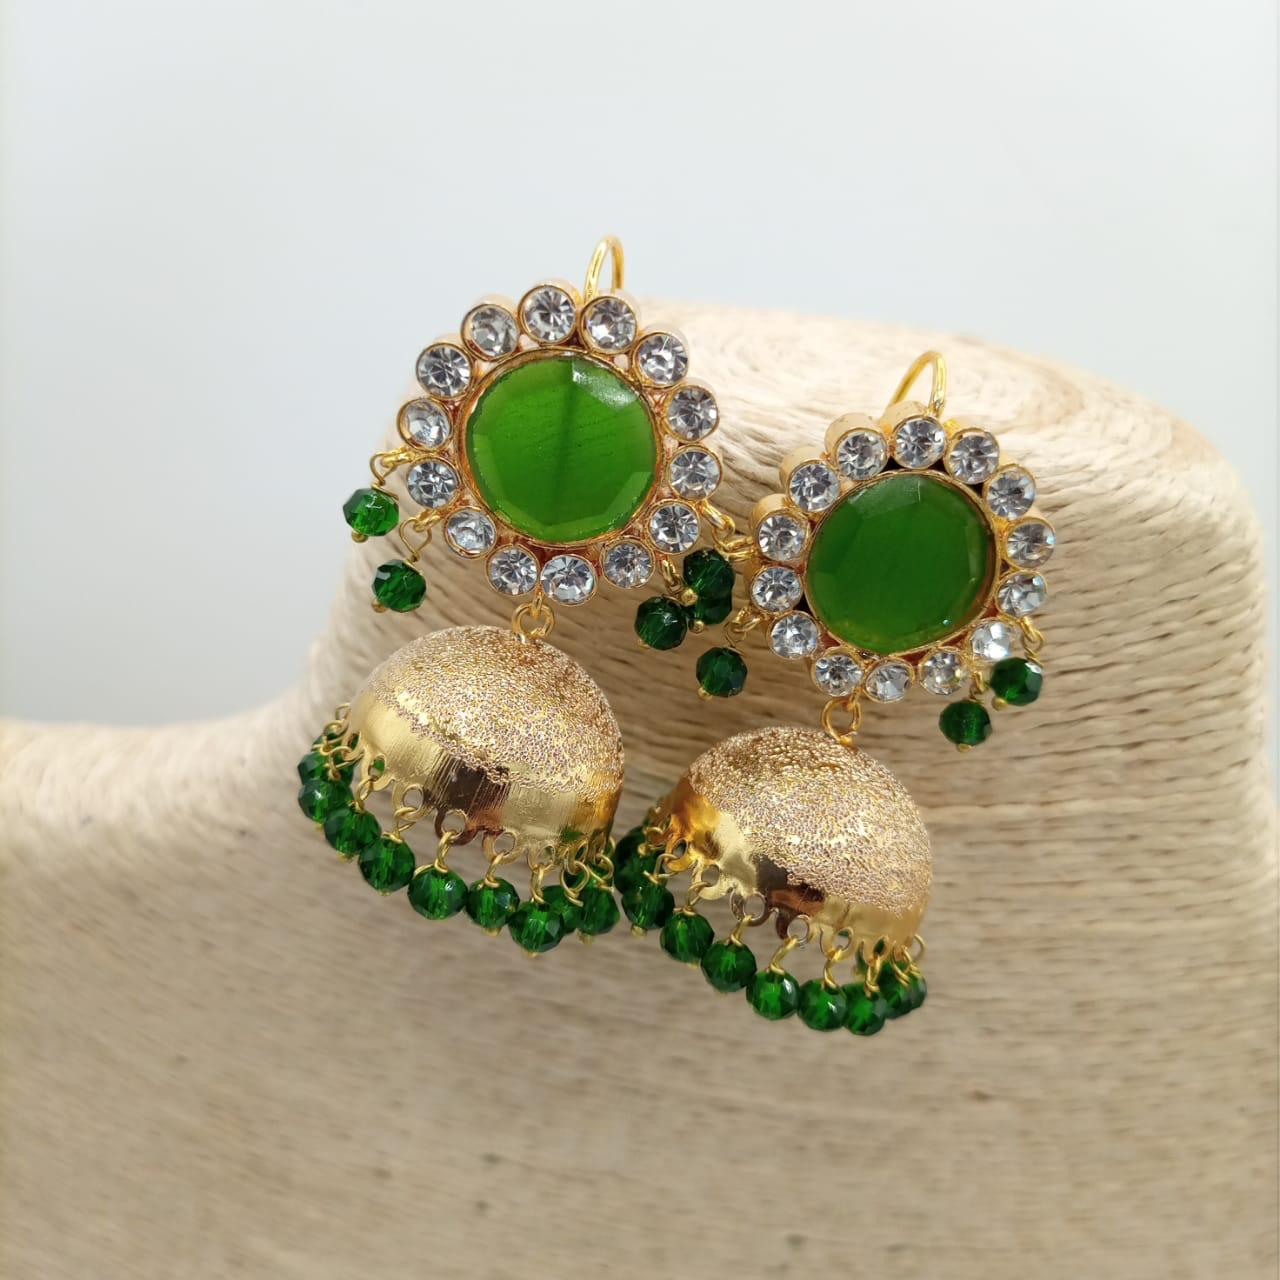 Trendy Design Drop Pearls Fancy Jhumka Earrings For Women - Fashion Infinity